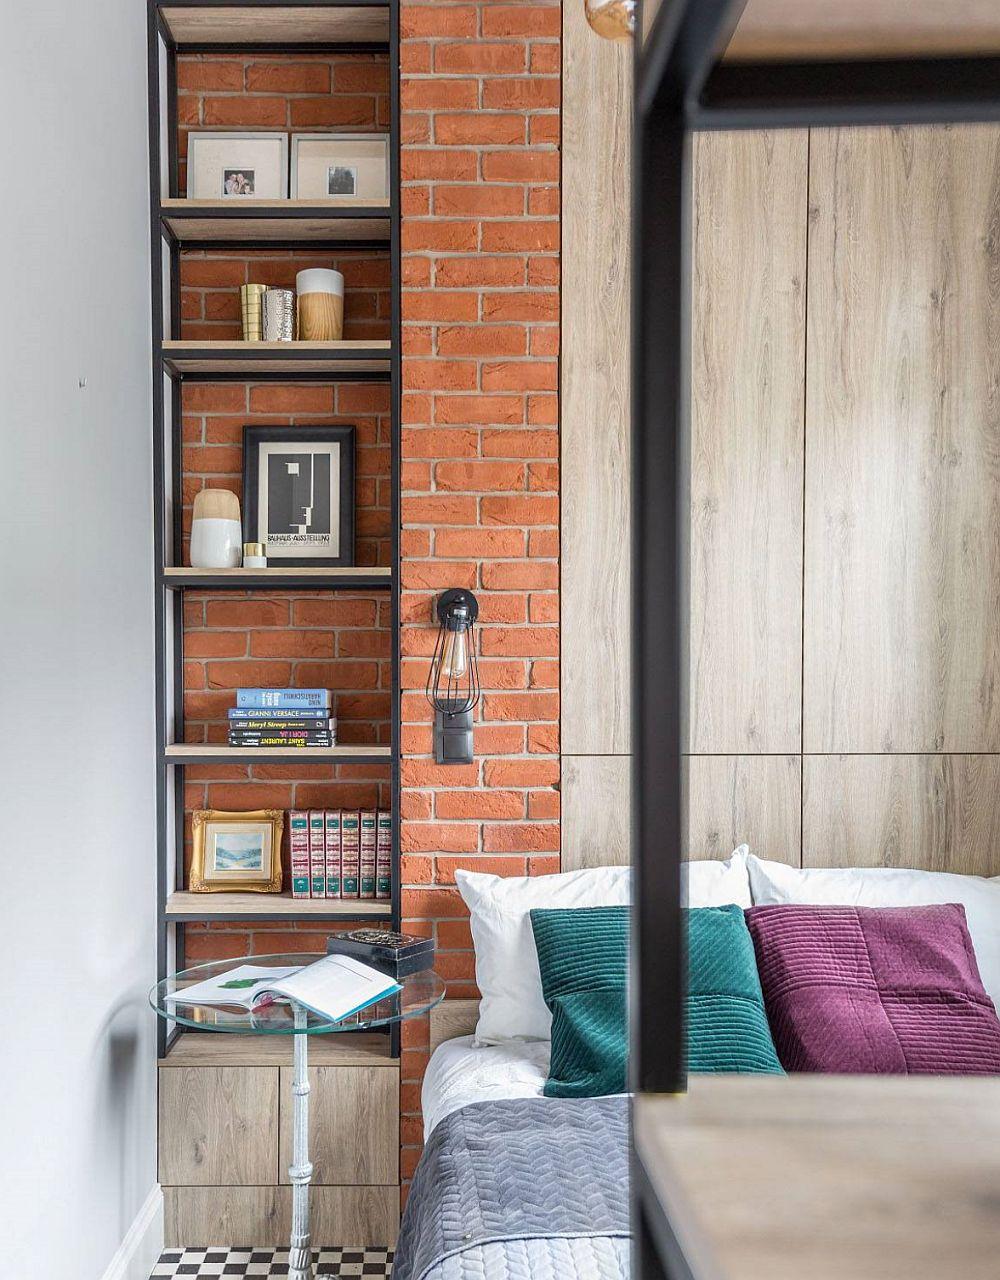 Partea cea mai vizibilă din dormitorul de lângă bucătărie este finisat cu cărămidă aparentă pentru o imagine unitară. Și nișa de aici a fost folosită pentru inserarea unei etajere metalice. Evident, toată mobila din garsonieră a fost realizată pe comandă.